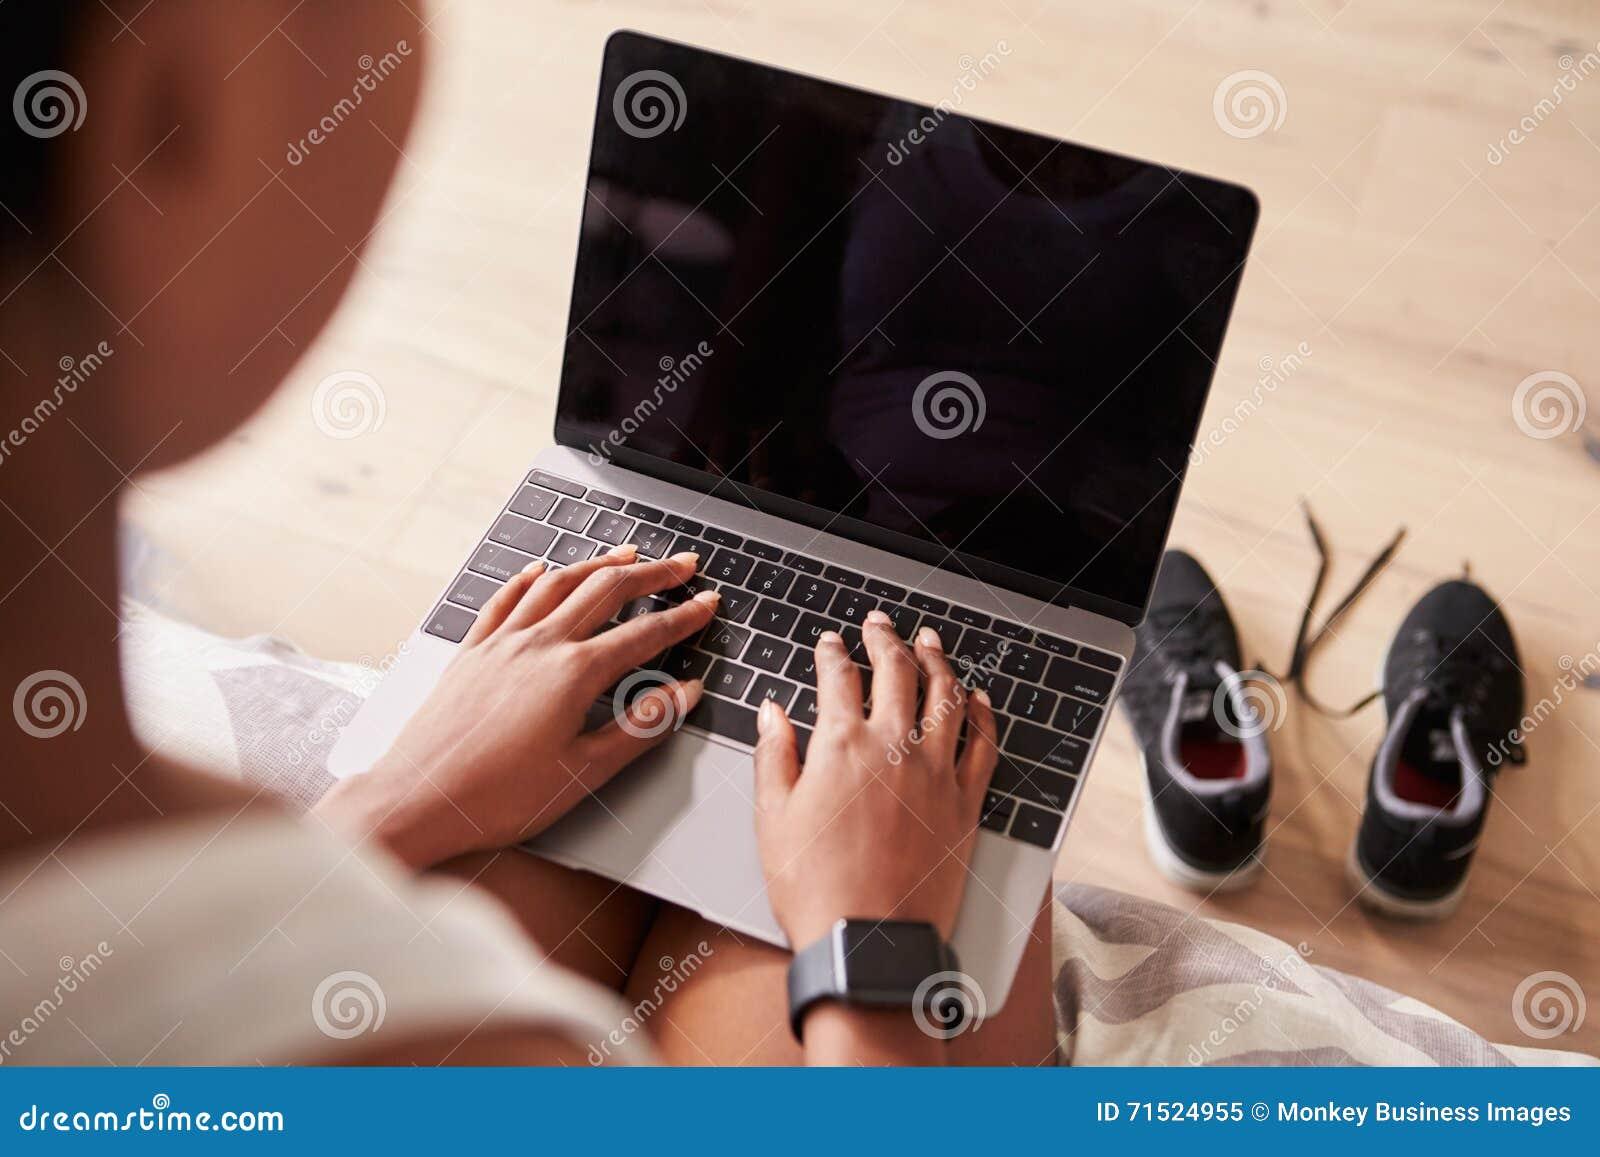 Νέα μαύρη γυναίκα που χρησιμοποιεί το φορητό προσωπικό υπολογιστή, άποψη πέρα-ώμων